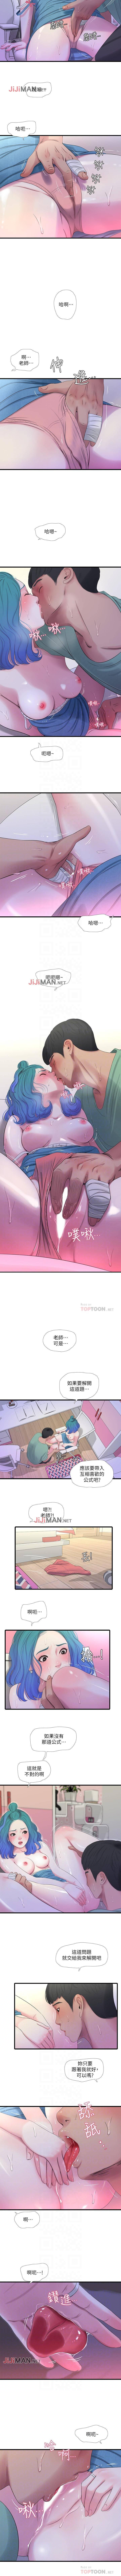 【周四连载】亲家四姐妹(作者:愛摸) 第1~31话 115